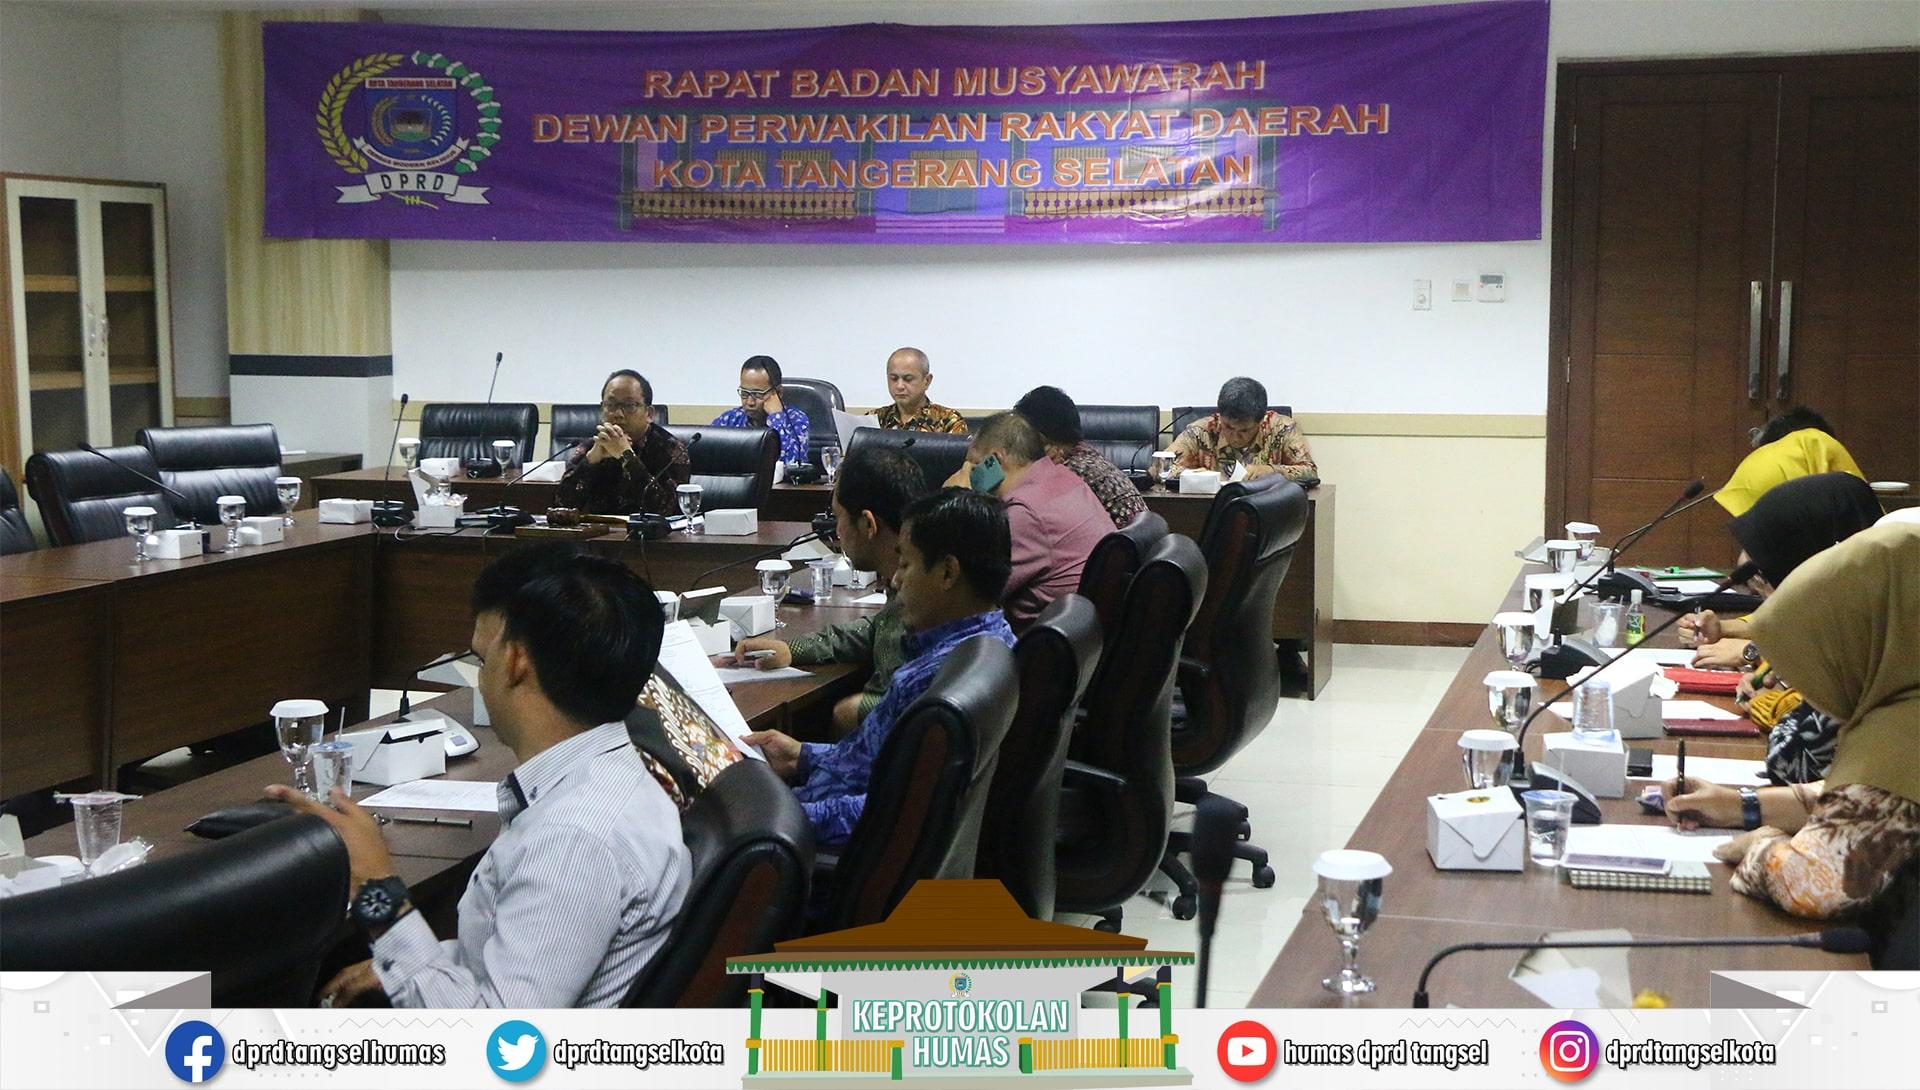 DPRD Tangsel laksanakan Rapat Badan Musyawarah